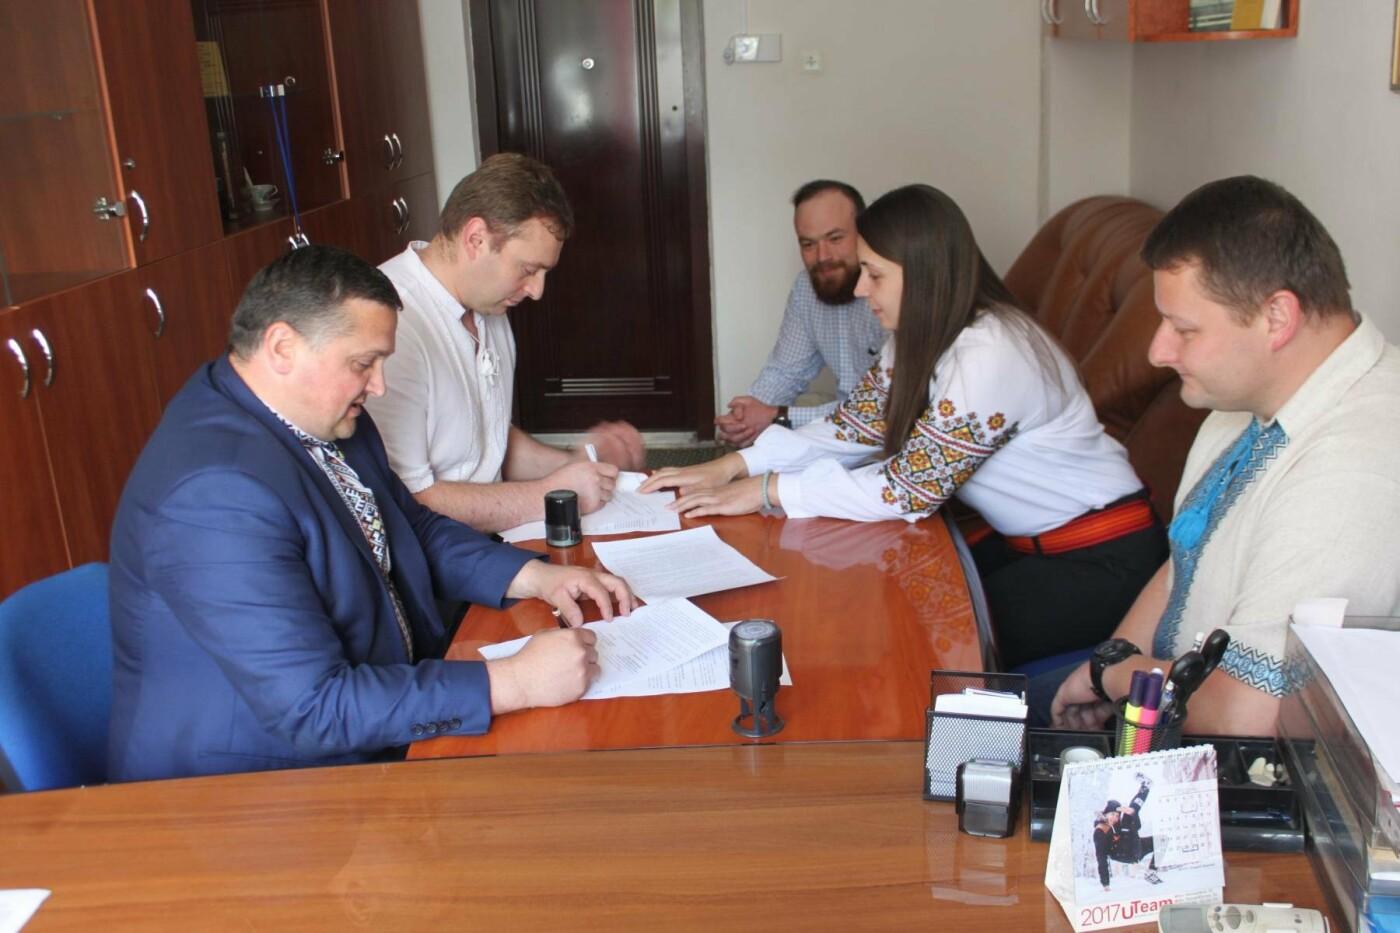 Університет Короля Данила та Івано-Франківський ІТ кластер підписали меморандум. ФОТО, фото-2